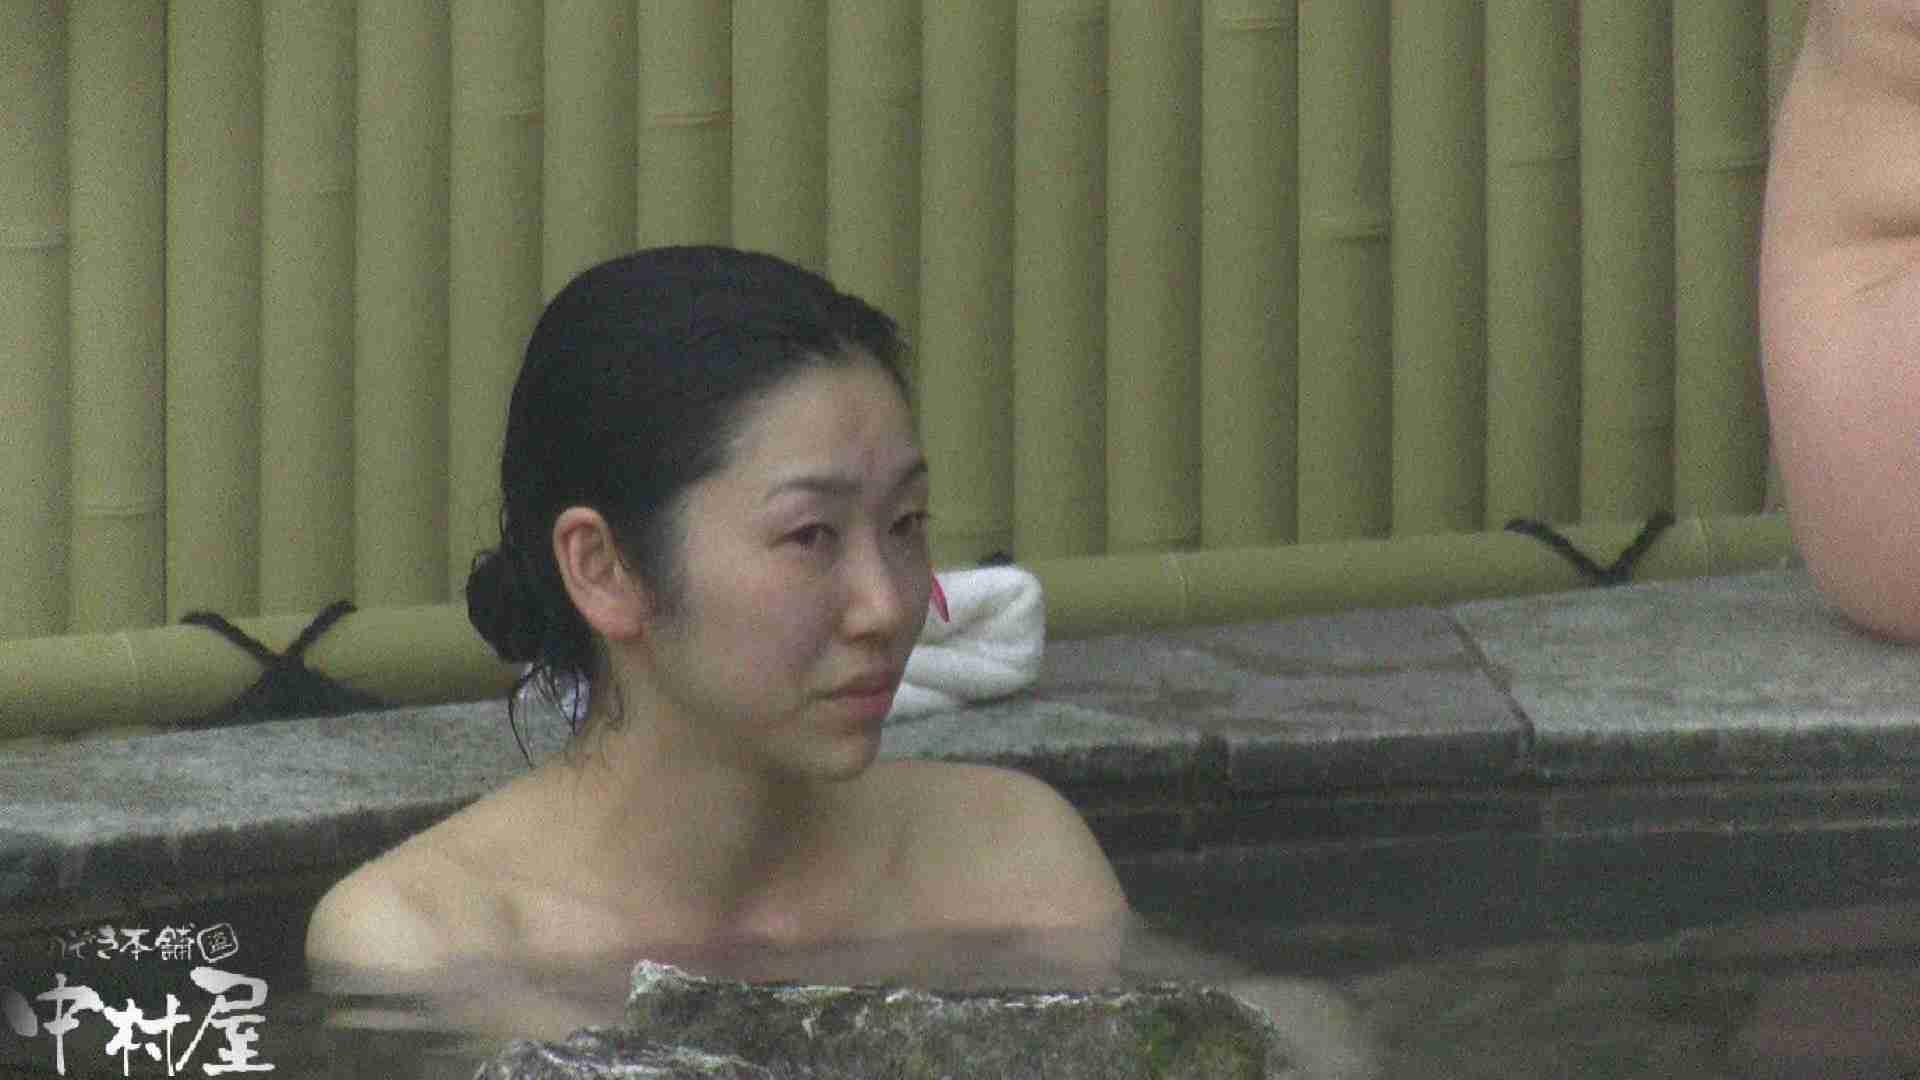 Aquaな露天風呂Vol.917 盗撮 | 露天  55pic 21